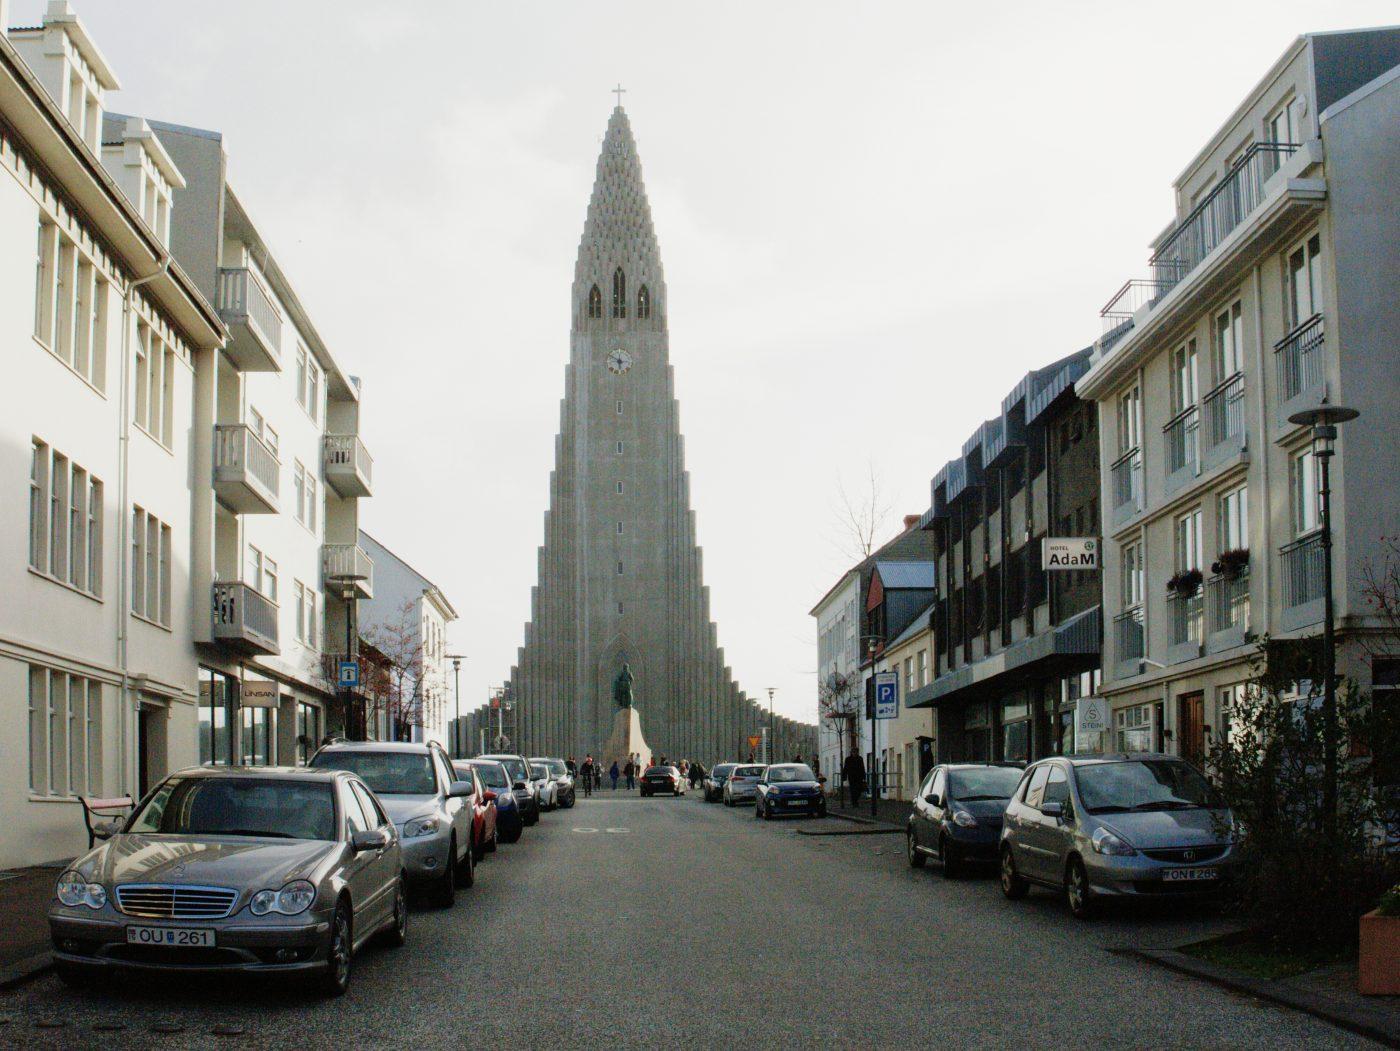 Skólavörðustígur